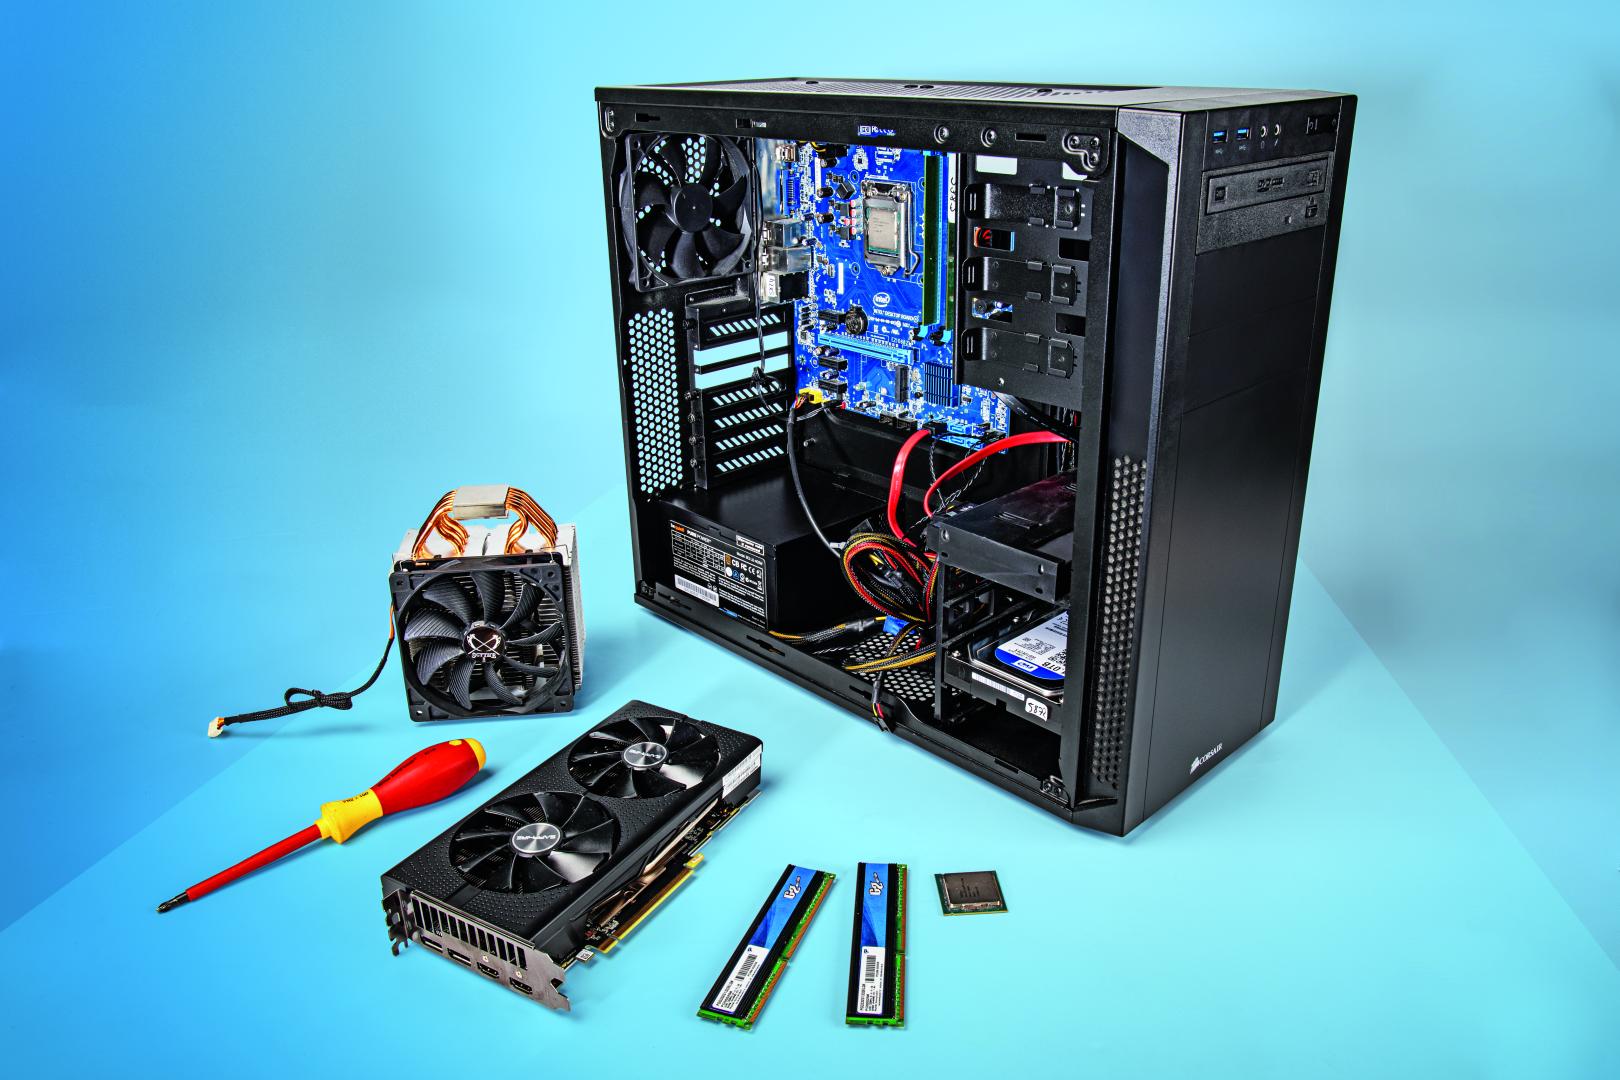 pc upgraden juiste hardware onderdelen behuizing voeding processor